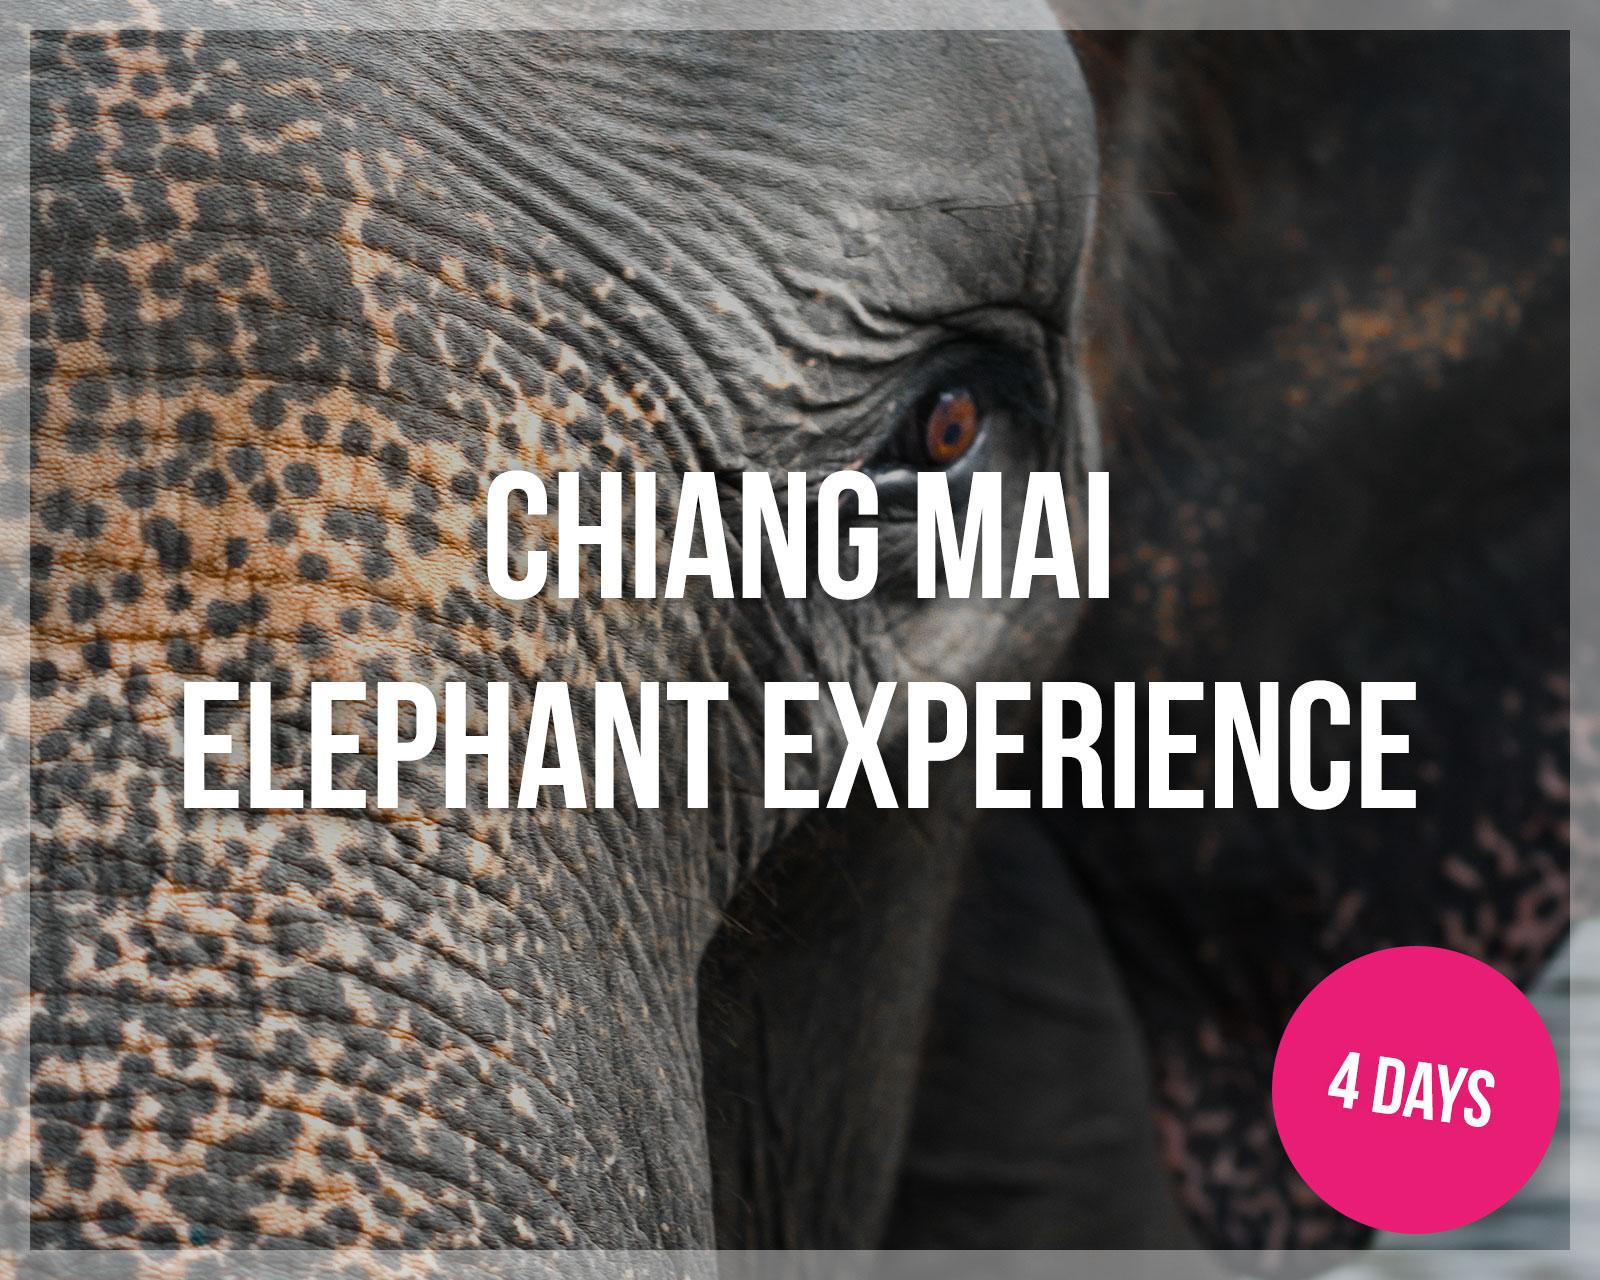 Southeast-Asia-Tours-Chiang-Mai